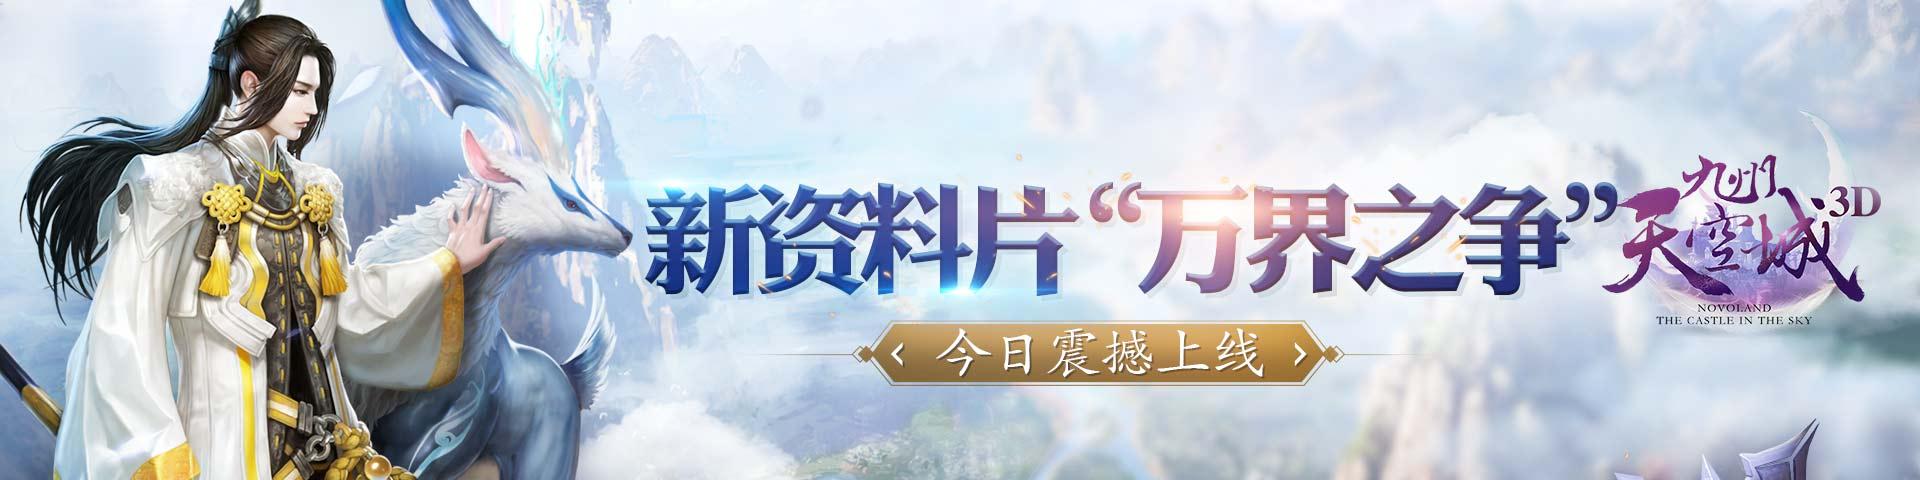 """九州浮沉,由我掌控 《九州天空城3D》新资料片""""万界之争""""今日上线"""